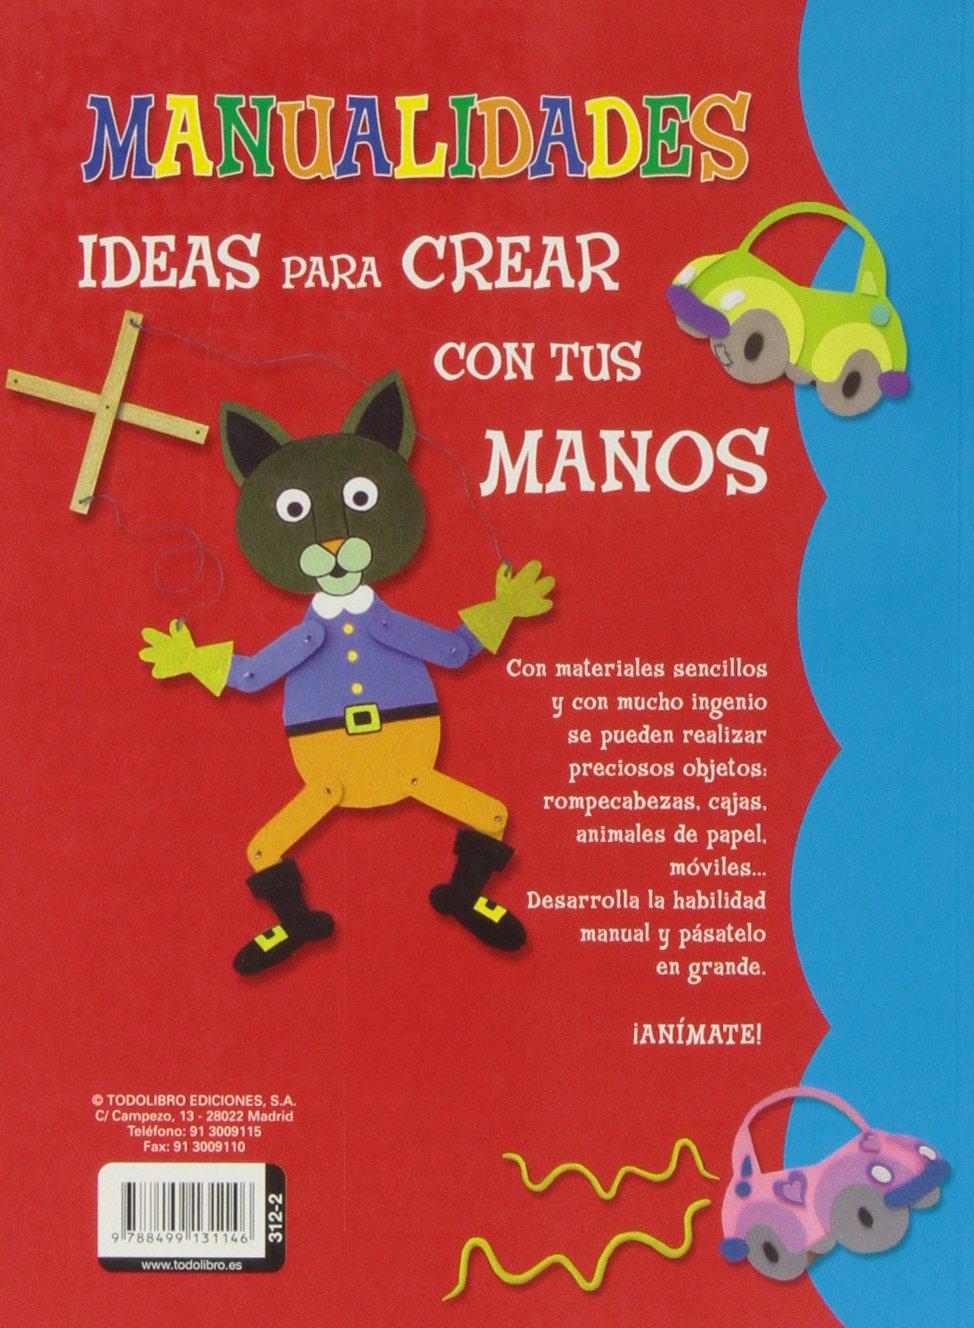 Manualidades: Ideas para Crear con tus Manos, 2: 9788499131146: Amazon.com: Books